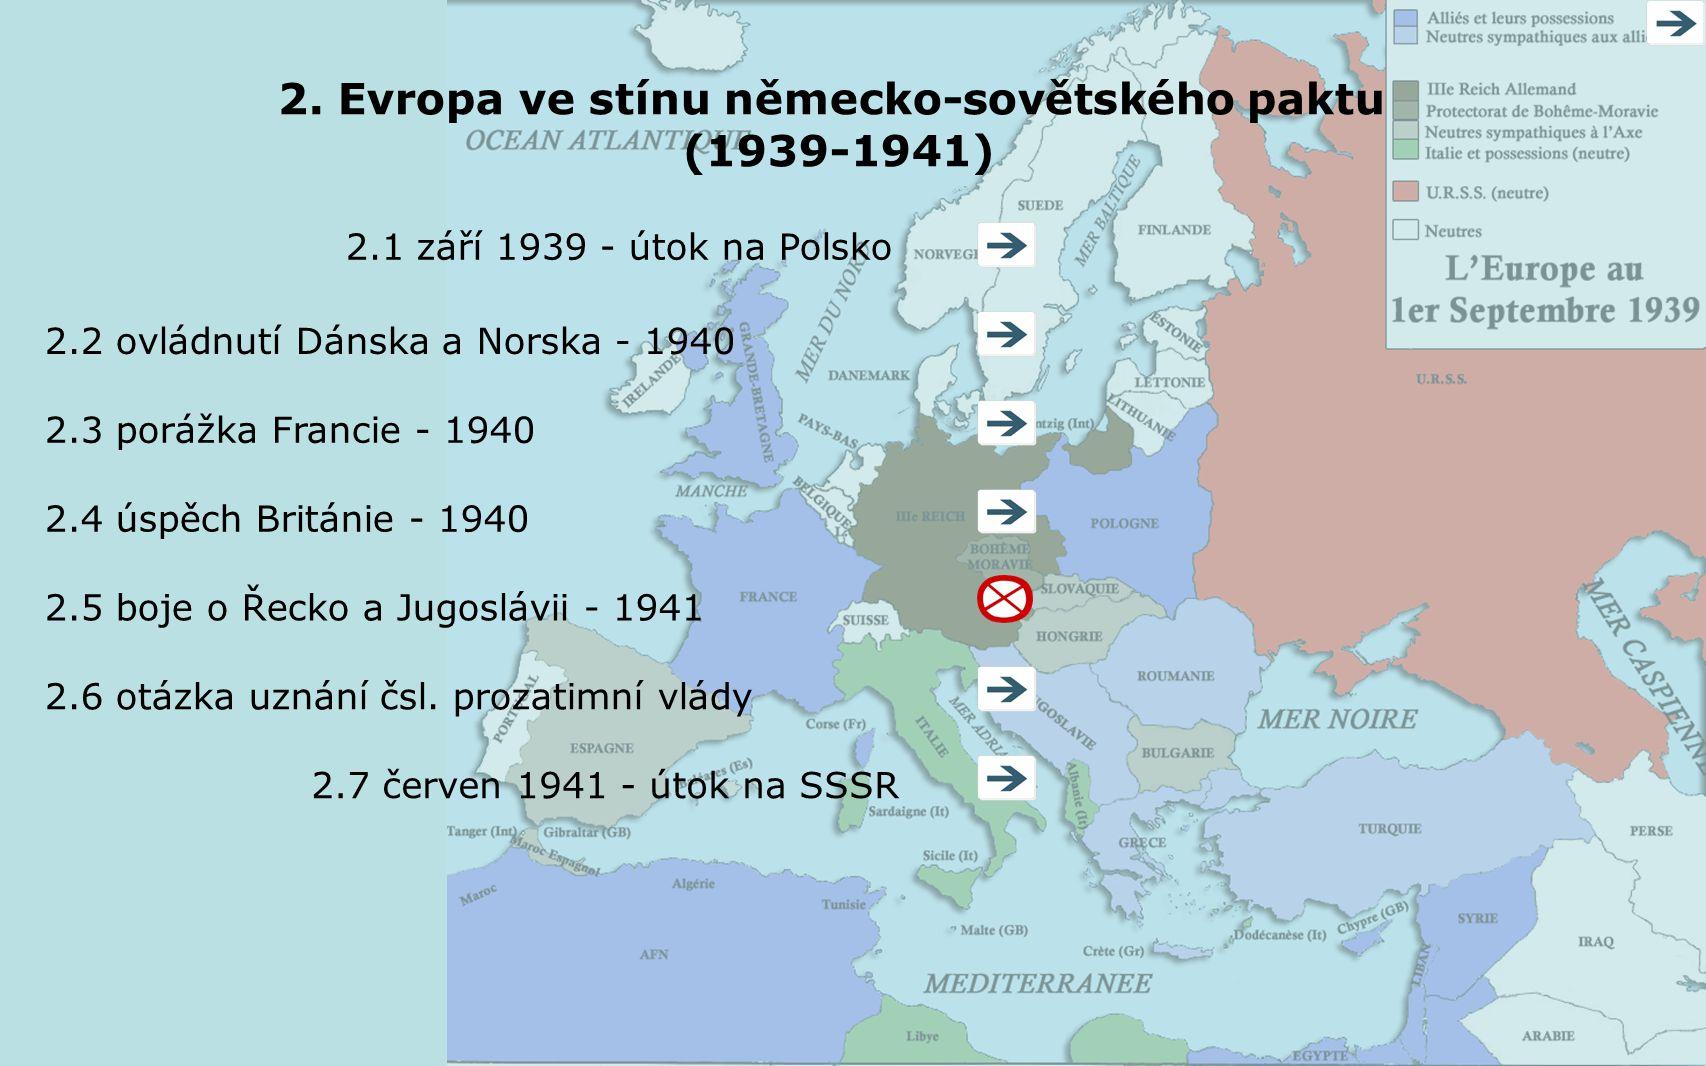 2. Evropa ve stínu německo-sovětského paktu (1939-1941) 2.1 září 1939 - útok na Polsko 2.2 ovládnutí Dánska a Norska - 1940 2.3 porážka Francie - 1940